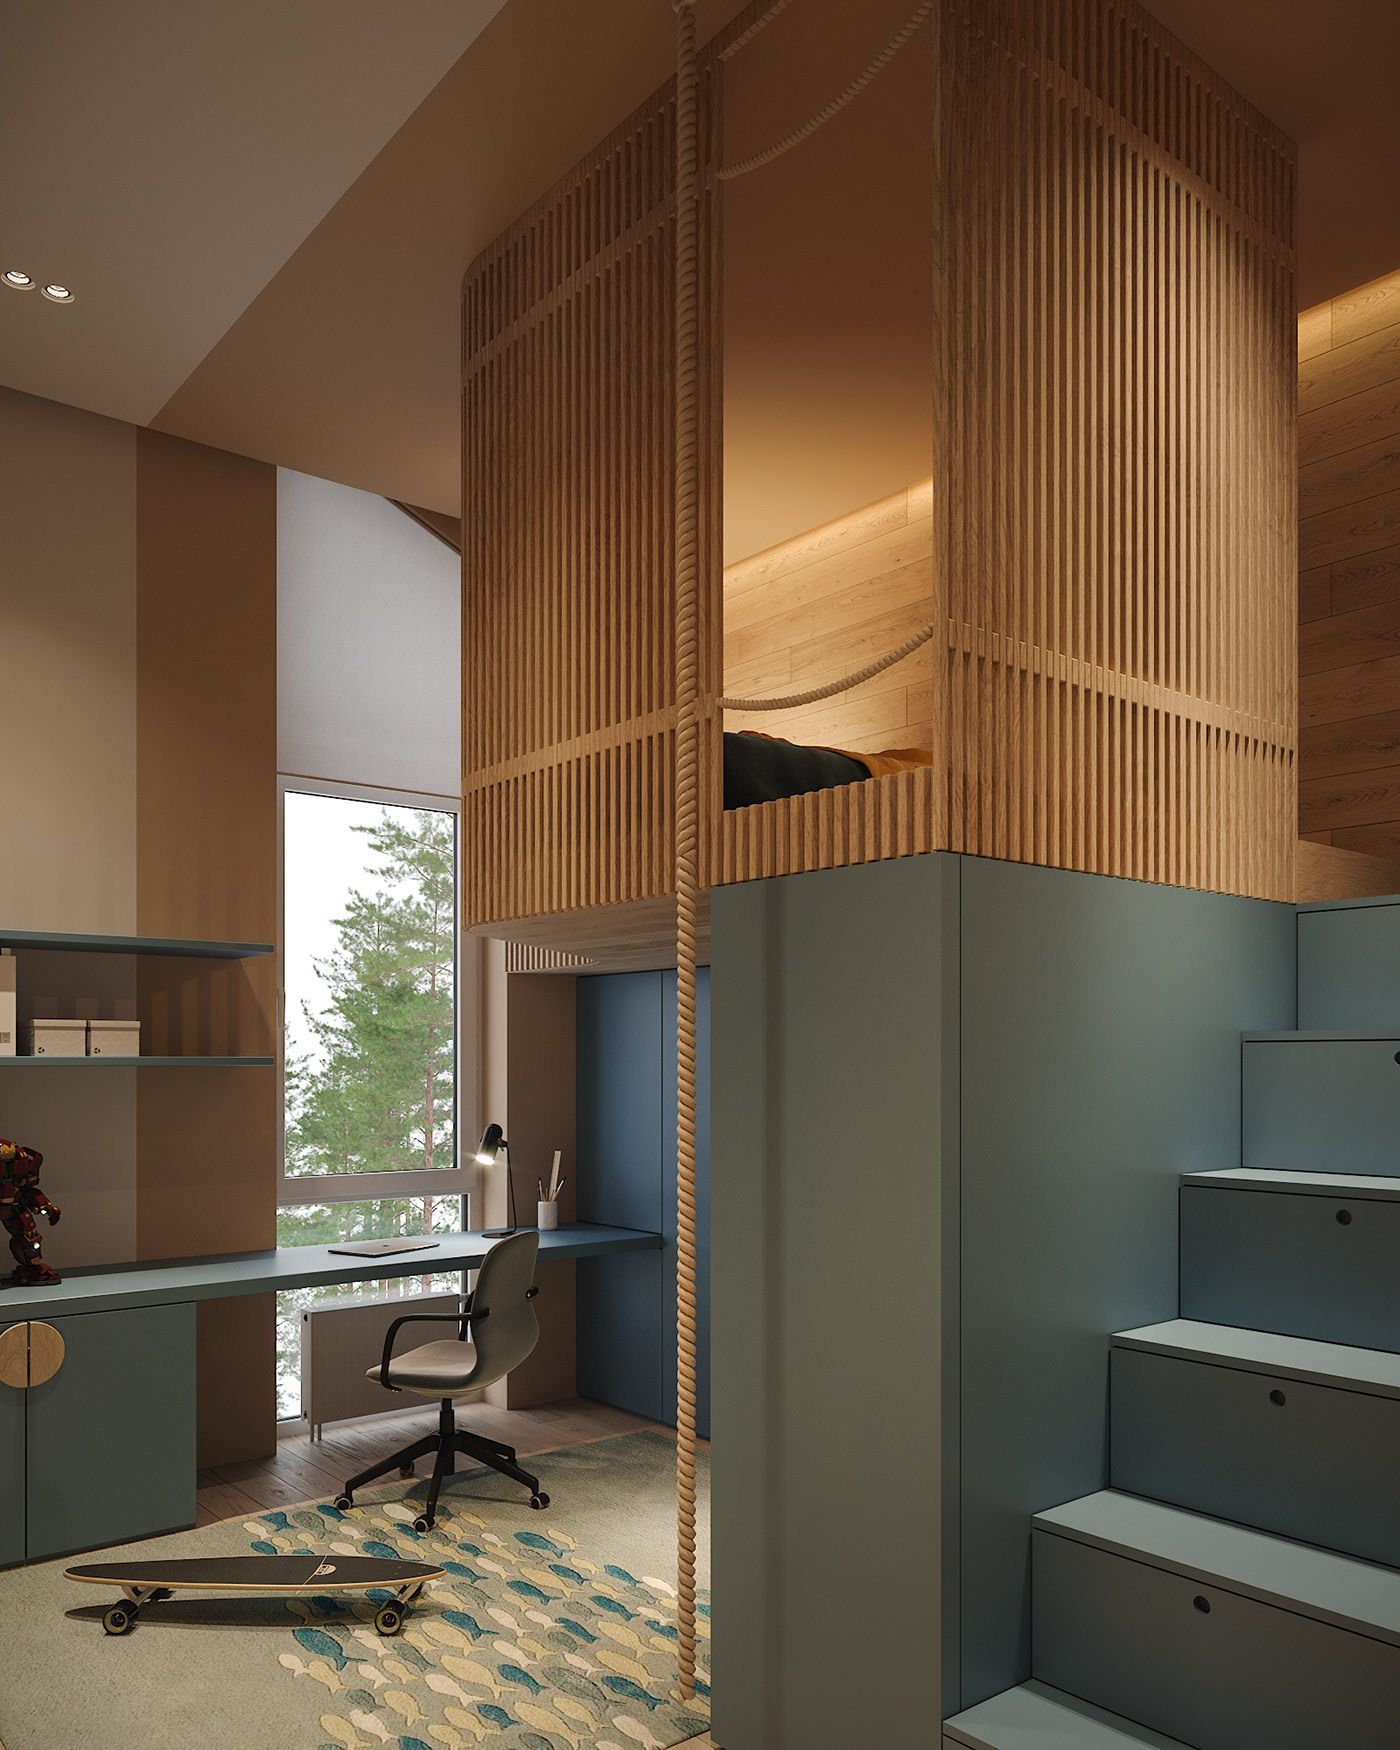 2nd Floor Terrace Design In 2020 Floor Design Room Design House Layouts